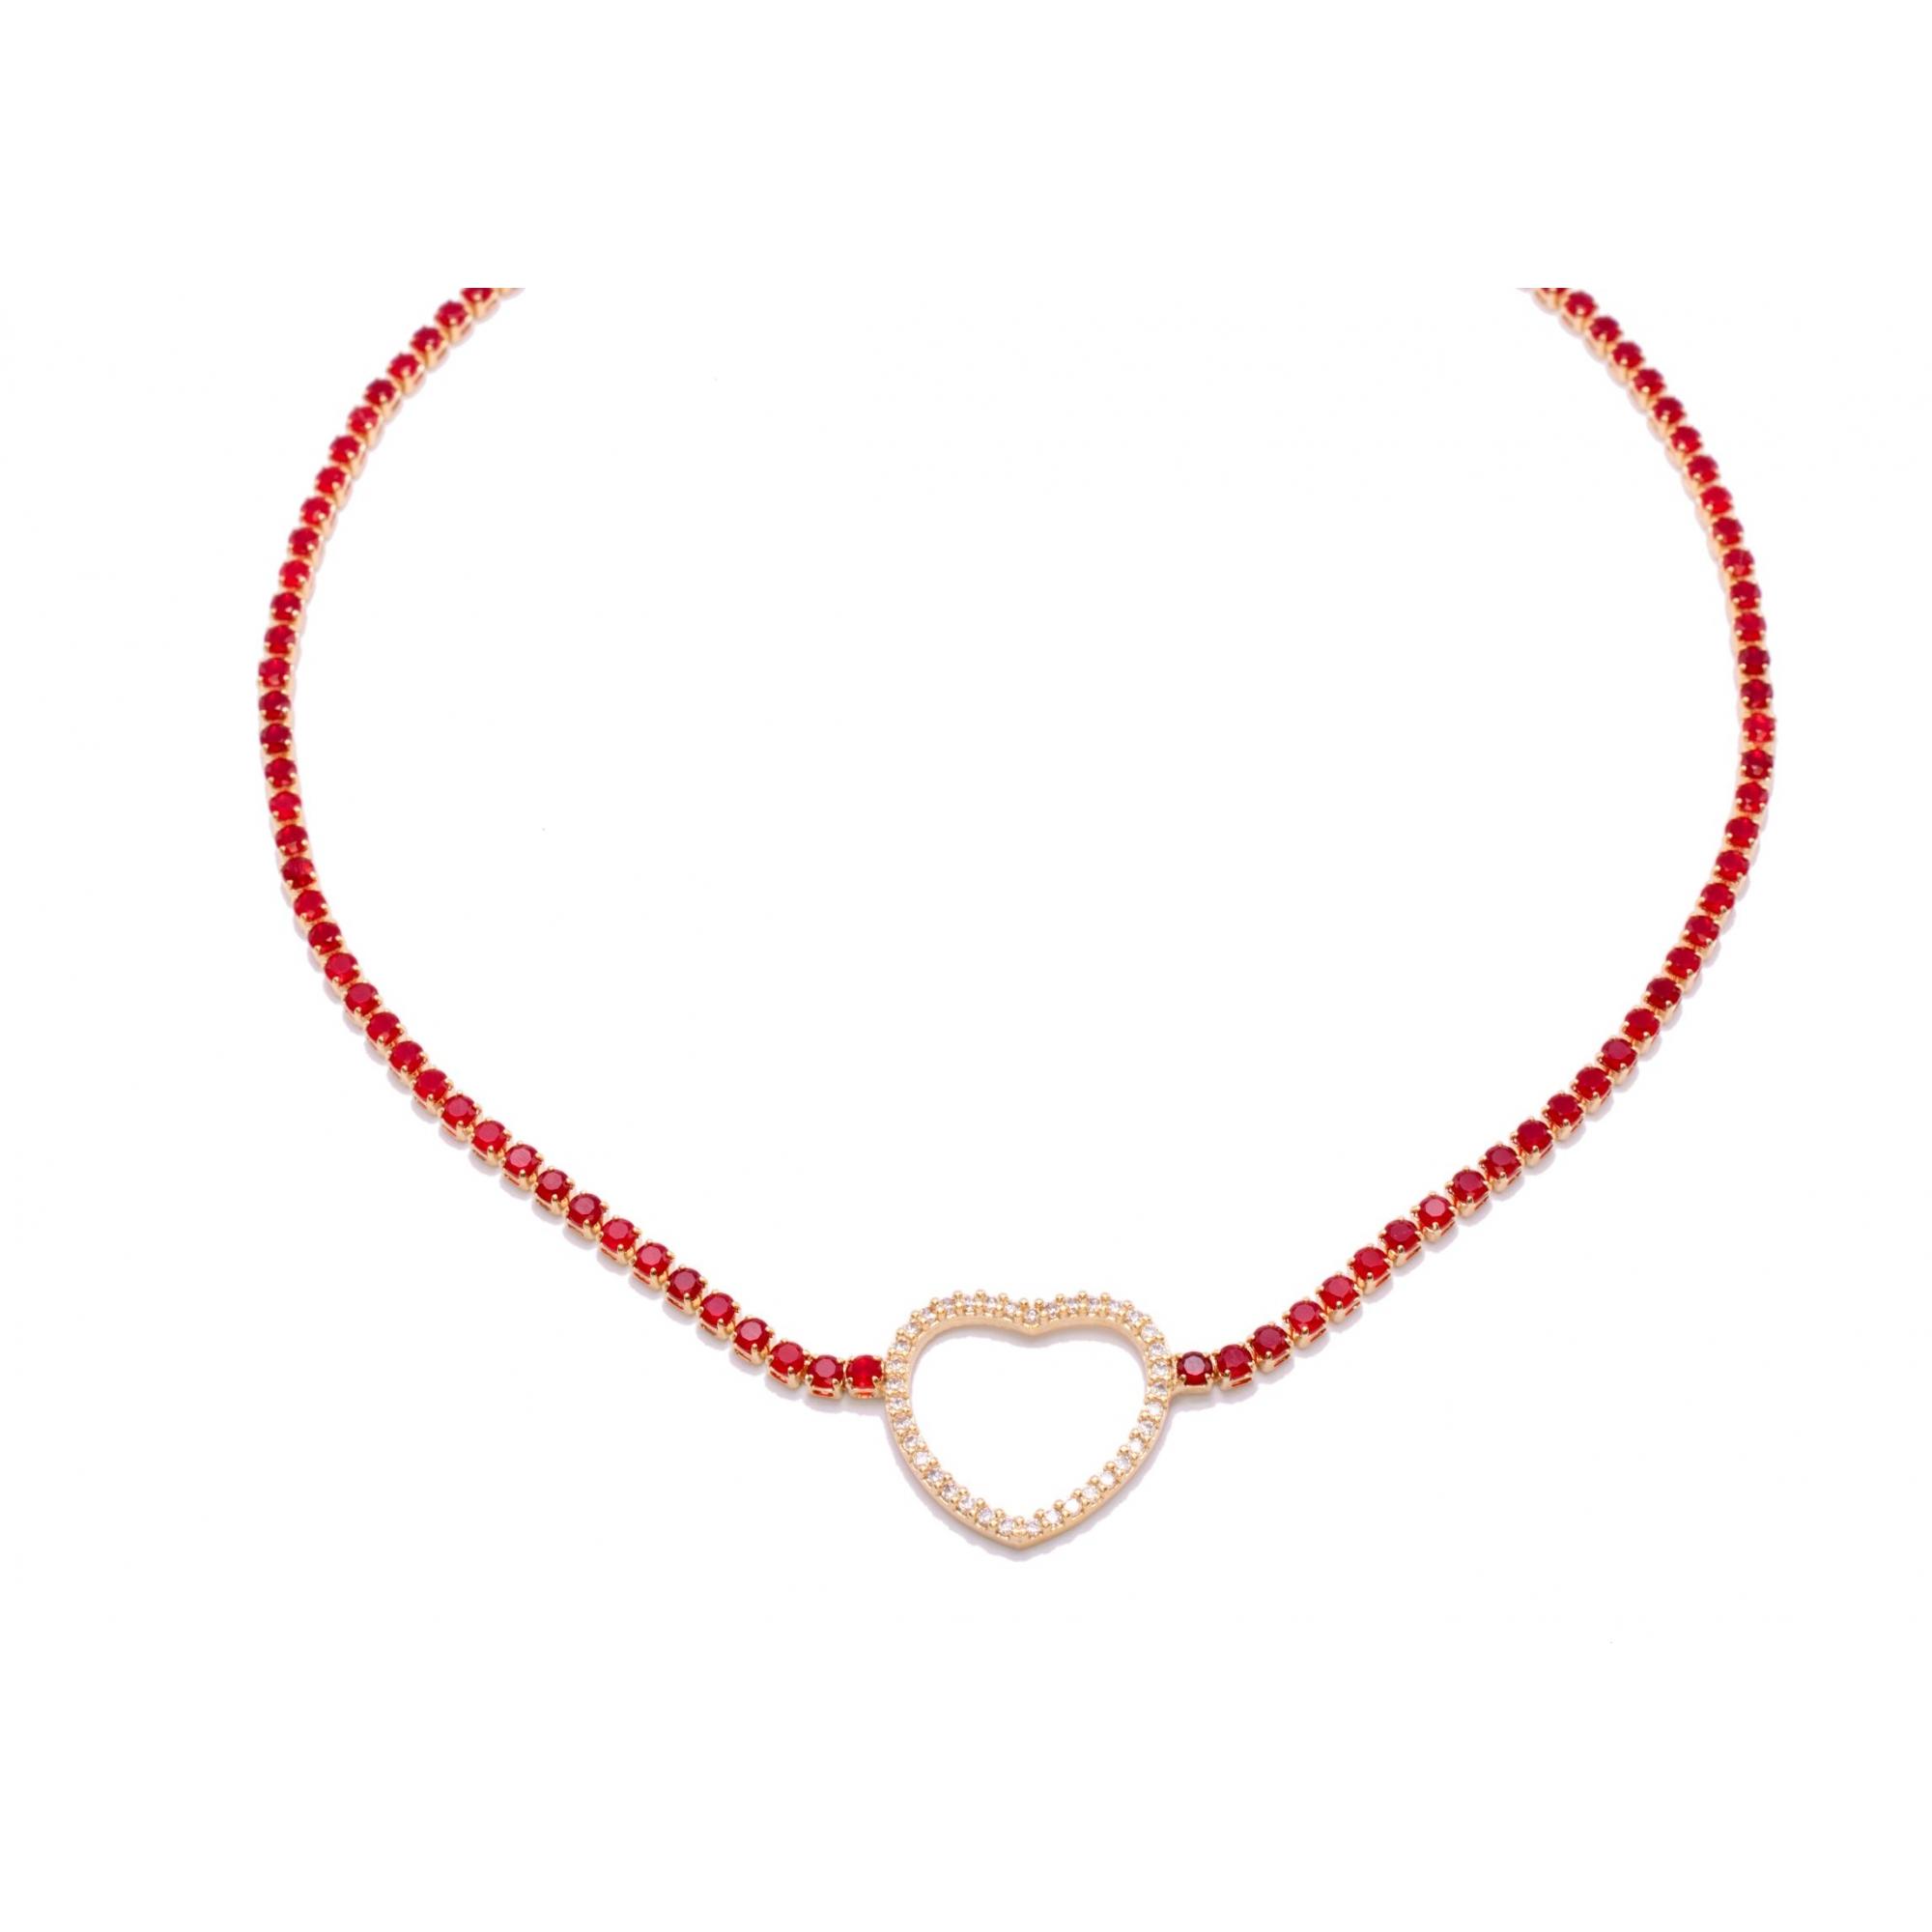 Colar Choker Coração com Zircônias Vermelhas Folheado em Ouro 18k